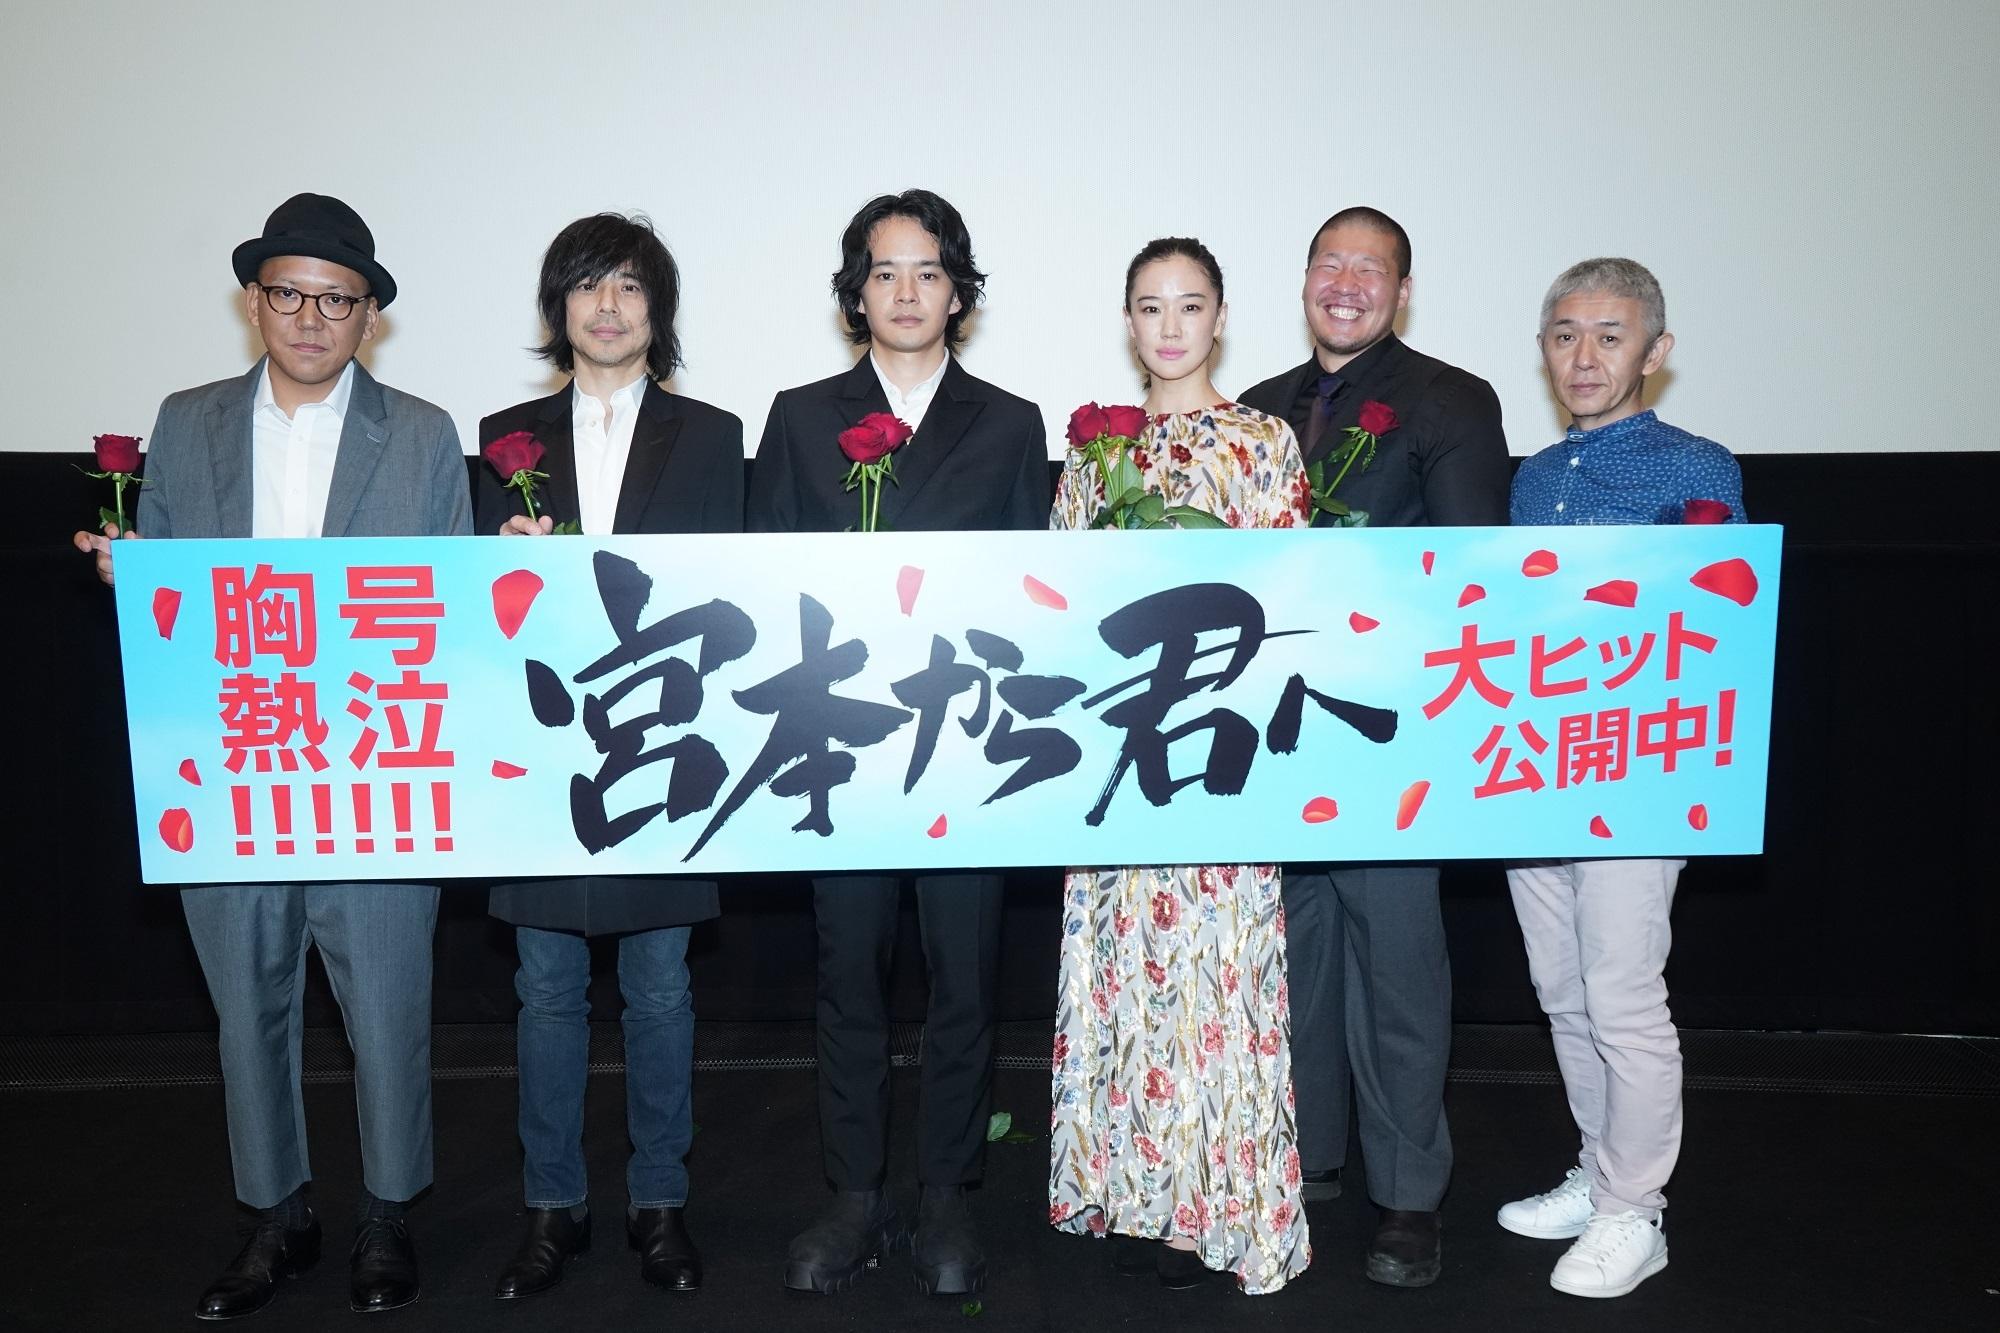 左から、真利子哲也監督、宮本浩次、池松壮亮、蒼井優、一ノ瀬ワタル、新井英樹氏